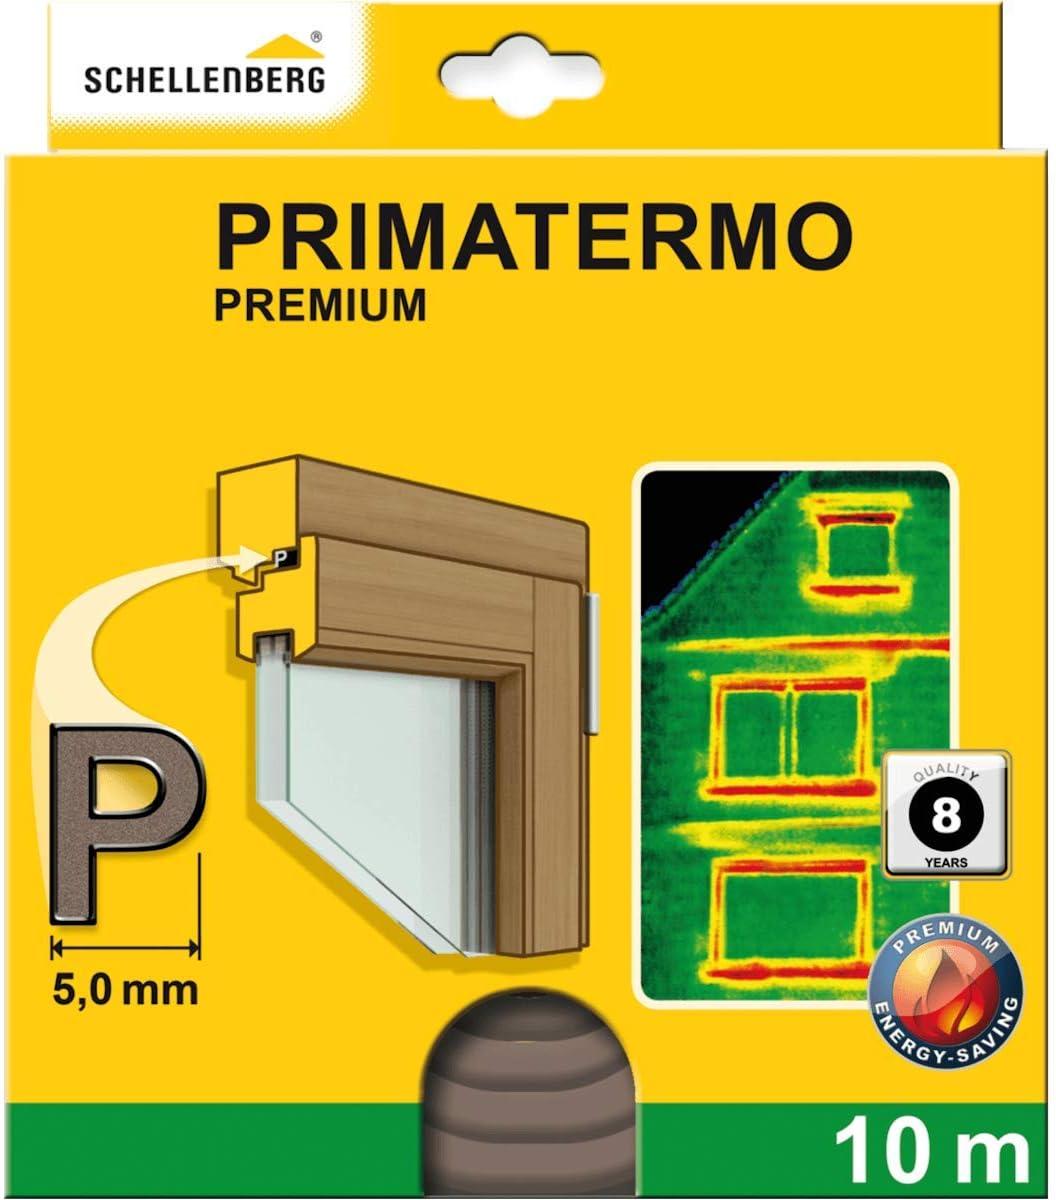 Schellenberg 66333 Fenster Dichtung Premium P Form 9 X 5 Mm 10 M Gummidichtung Zur Abdichtung Von Spalten Auch An Türen Baumarkt